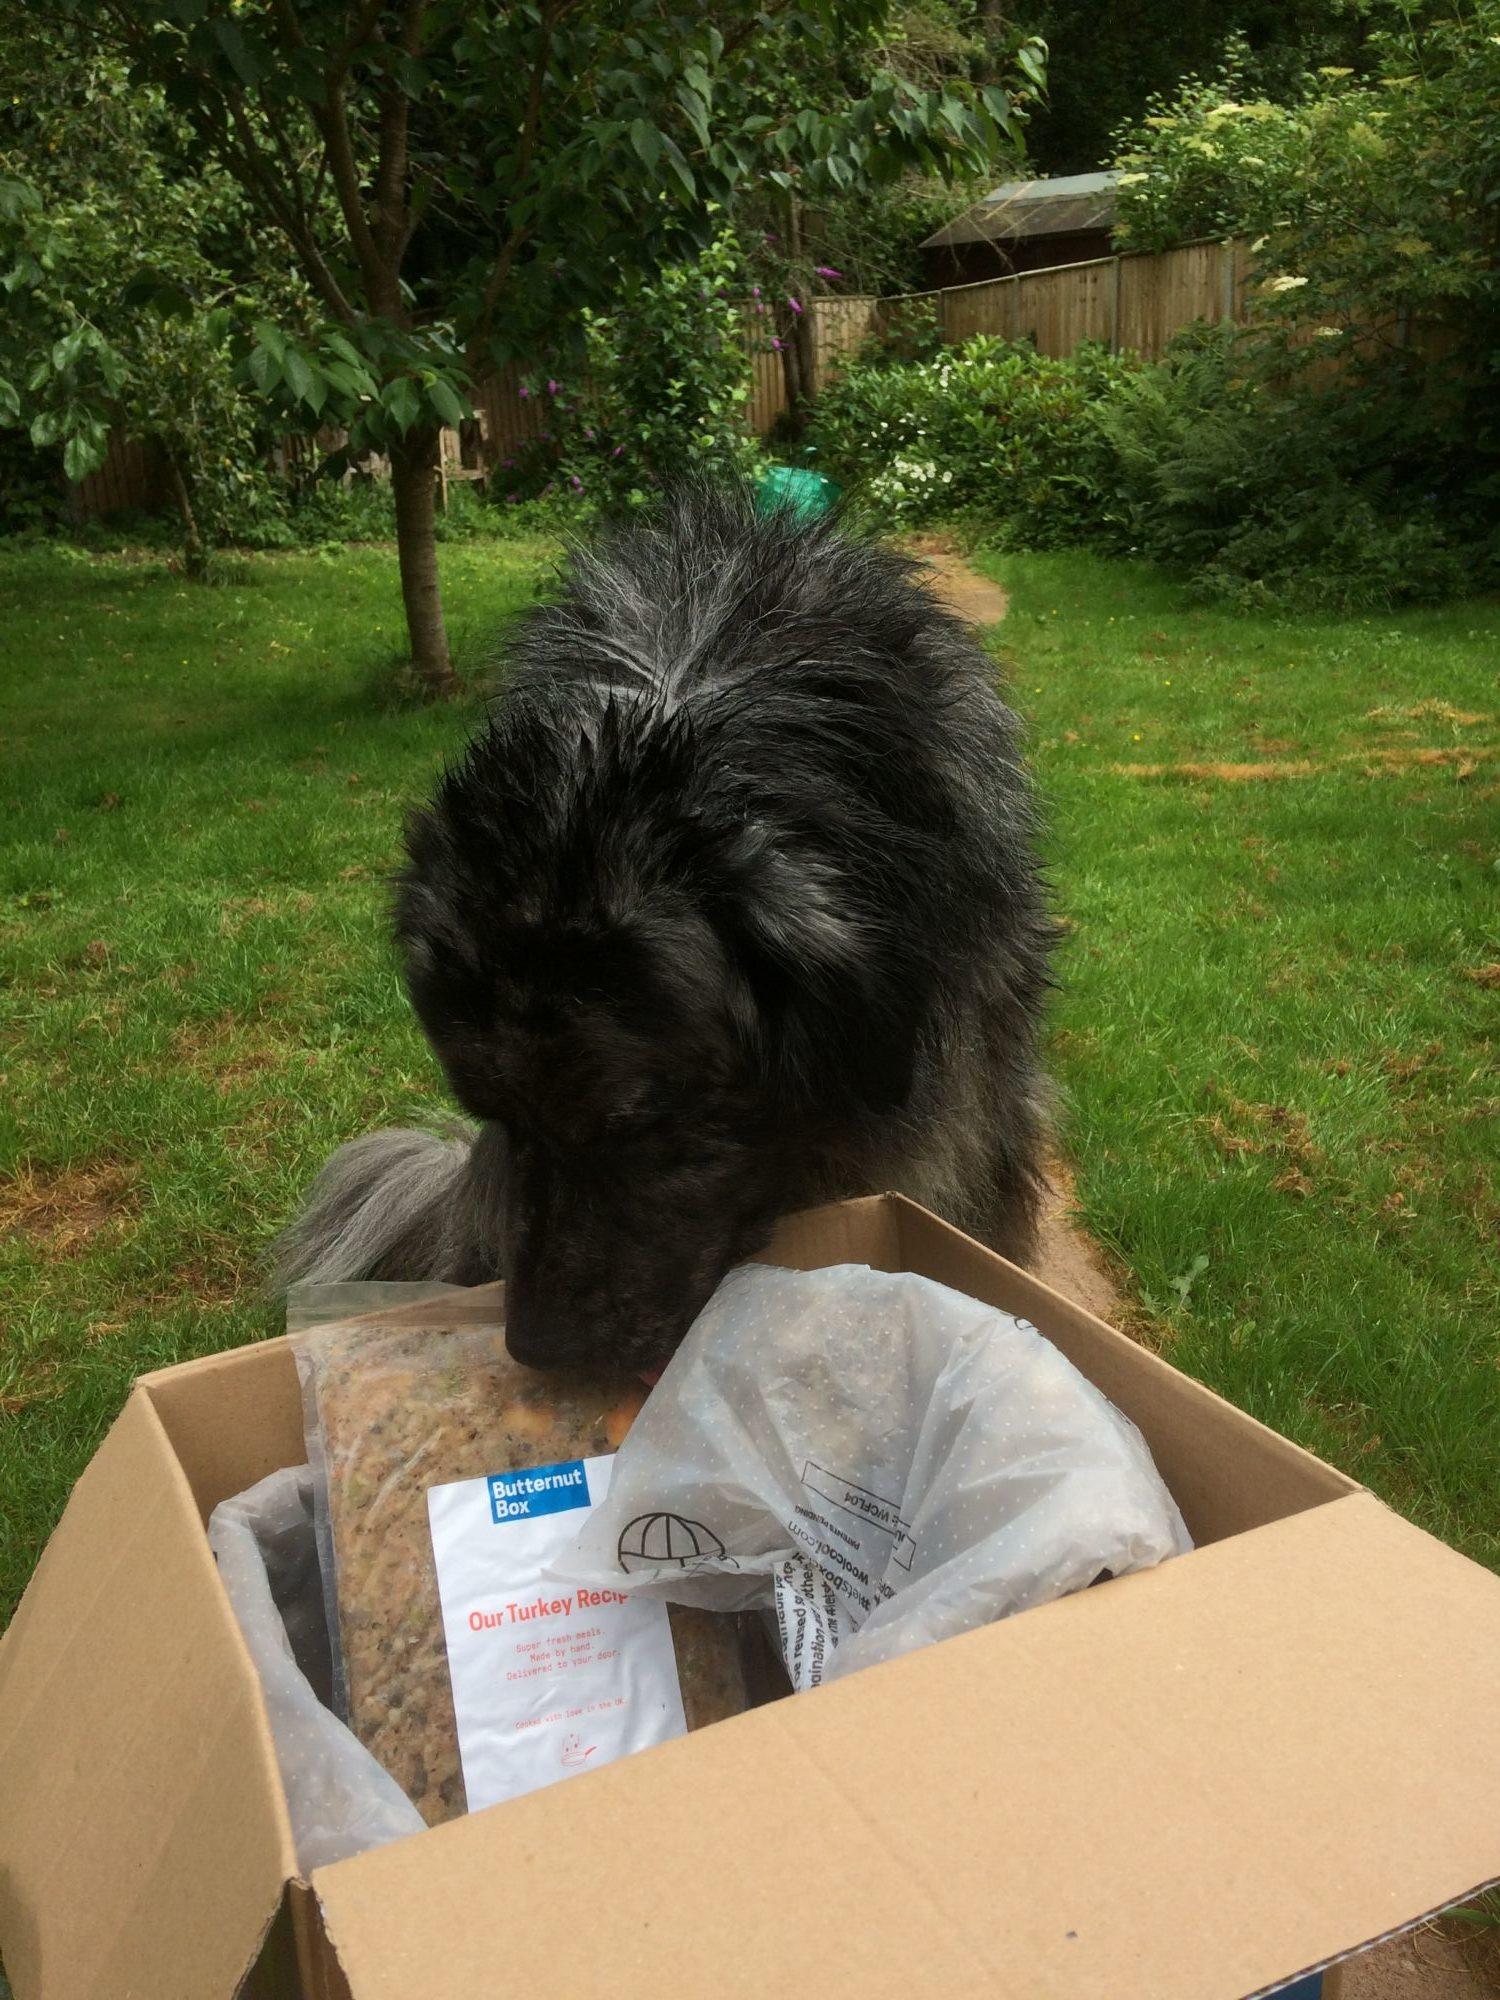 Butternut Box Fresh Dog Food